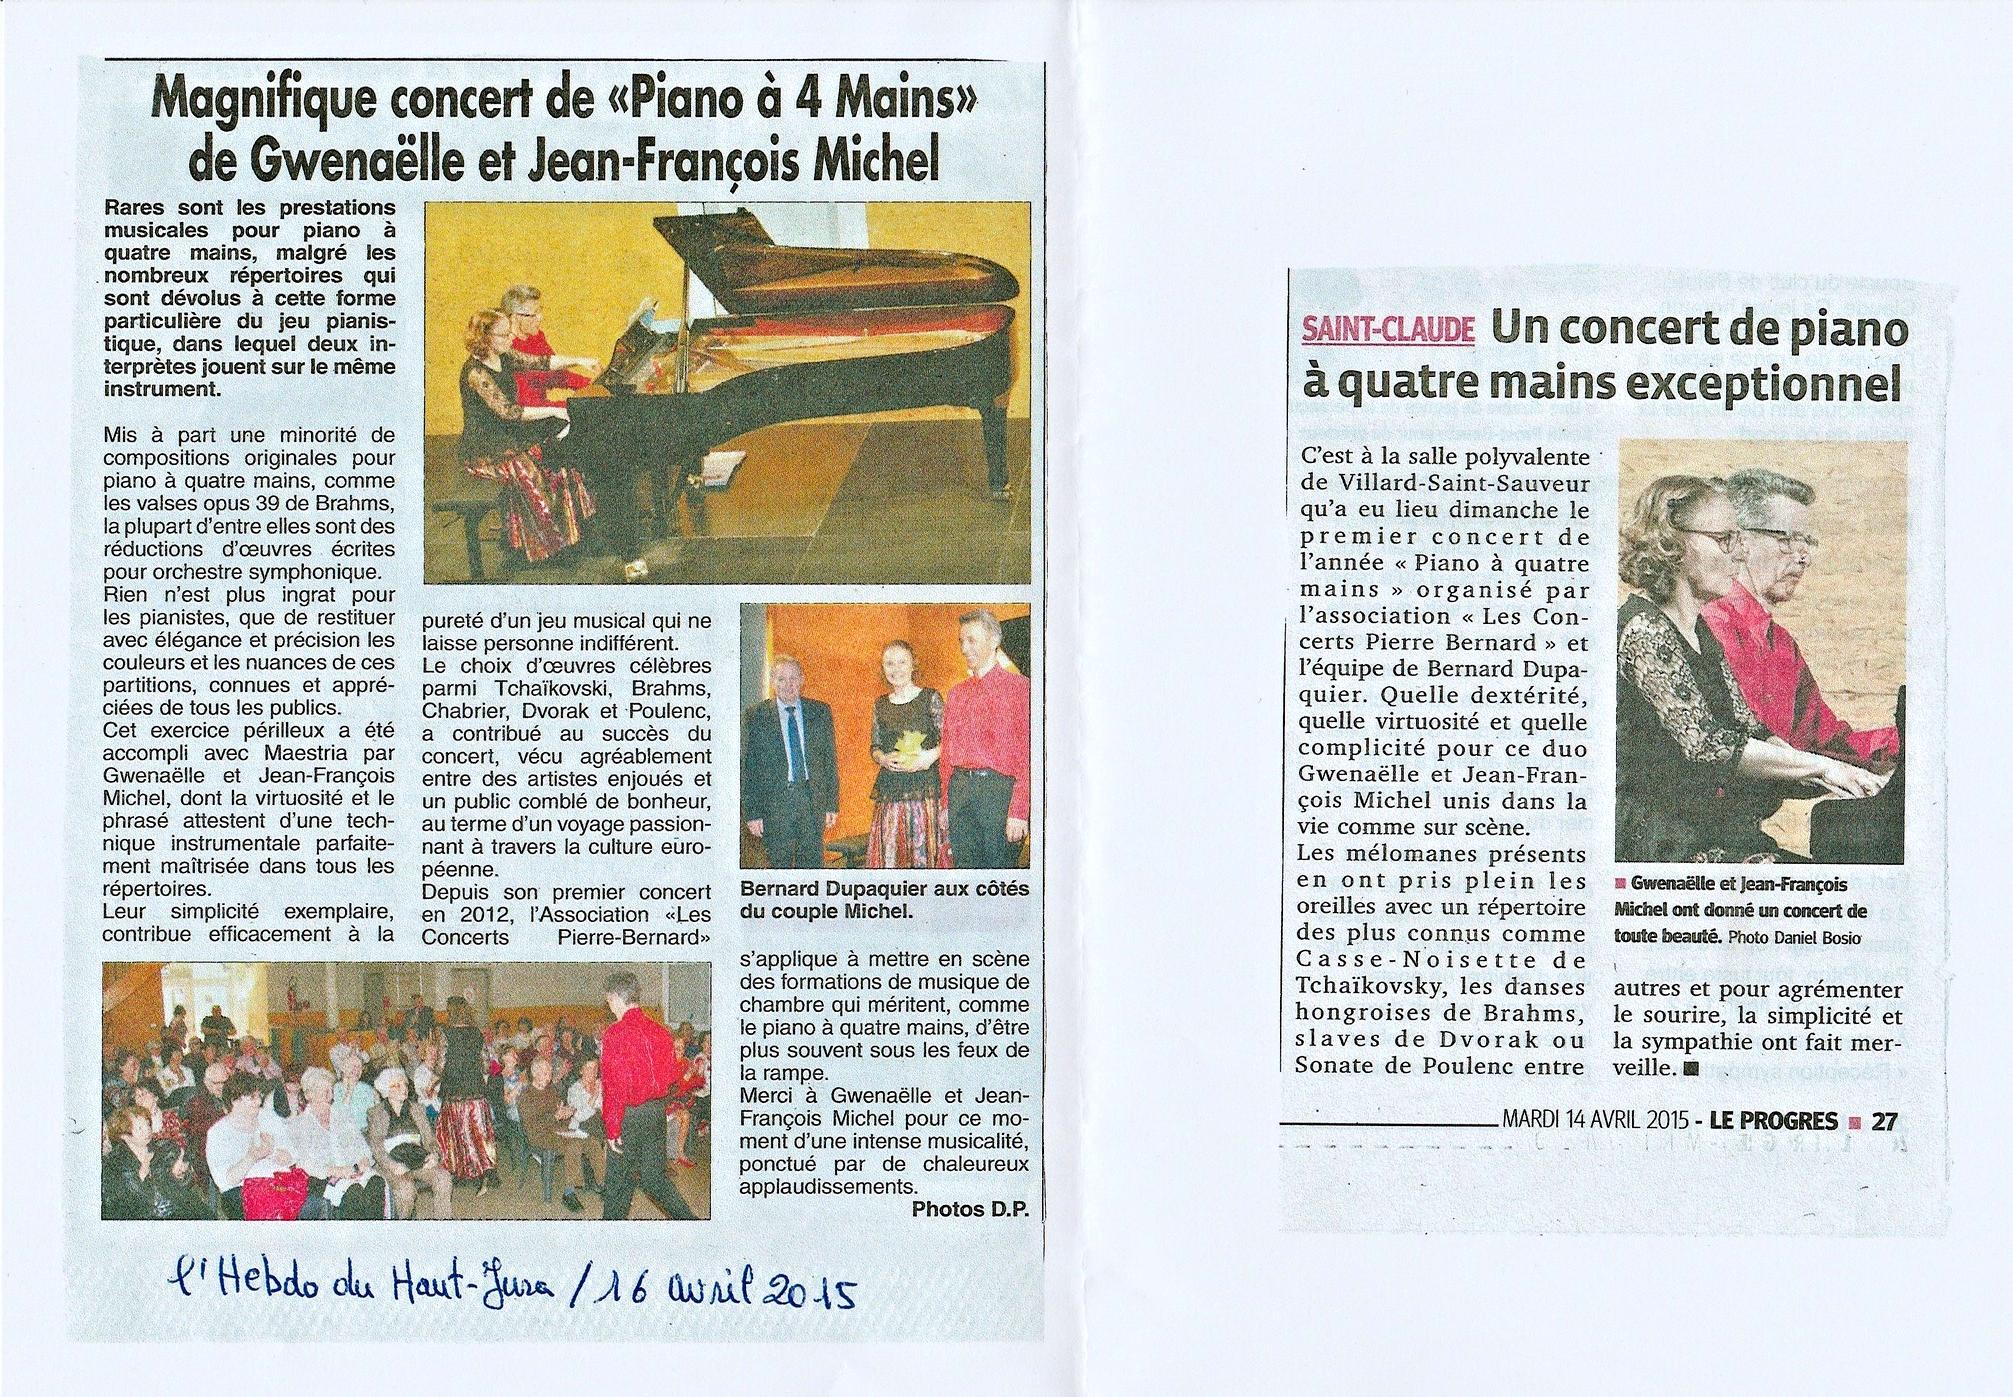 Music-Boutic-Location-Steinway-Piano-Concert-instruments-musique-etude-conservatoire-concert-à-4mains-Villard-Saint-Sauveur-Association-Pierre-Bernard.jpg